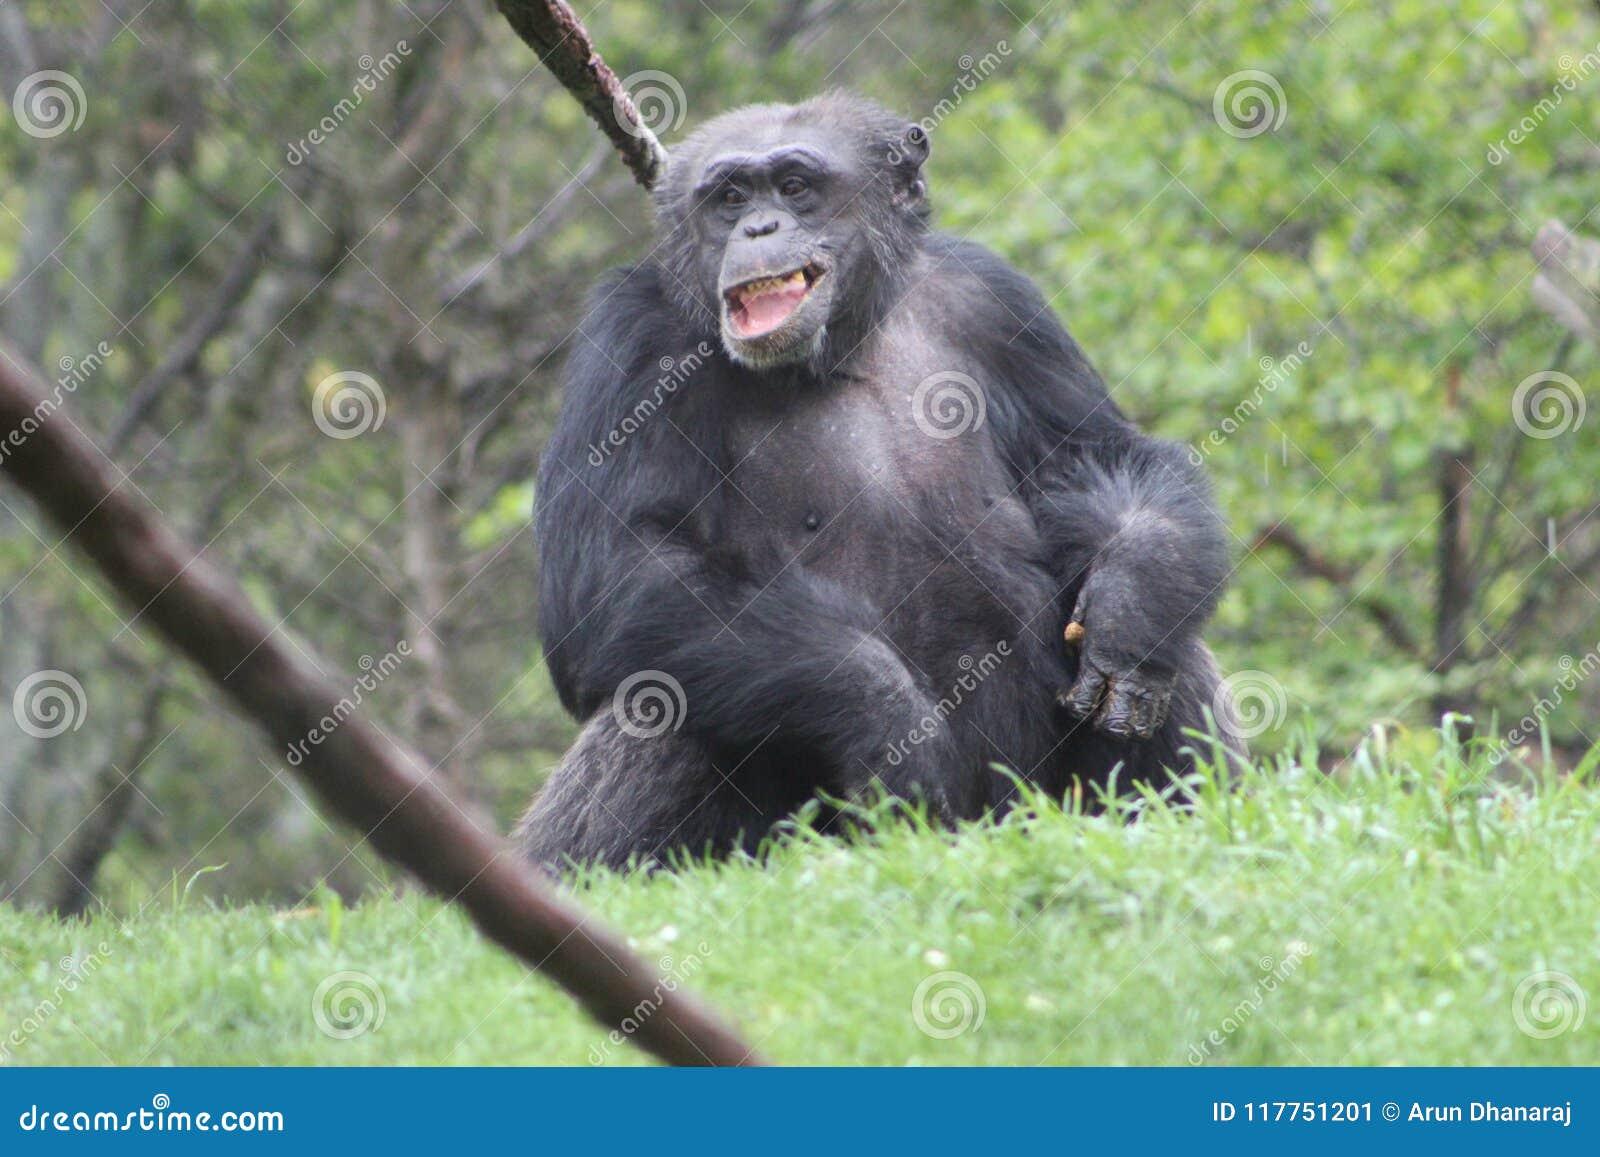 Gorilla laugh